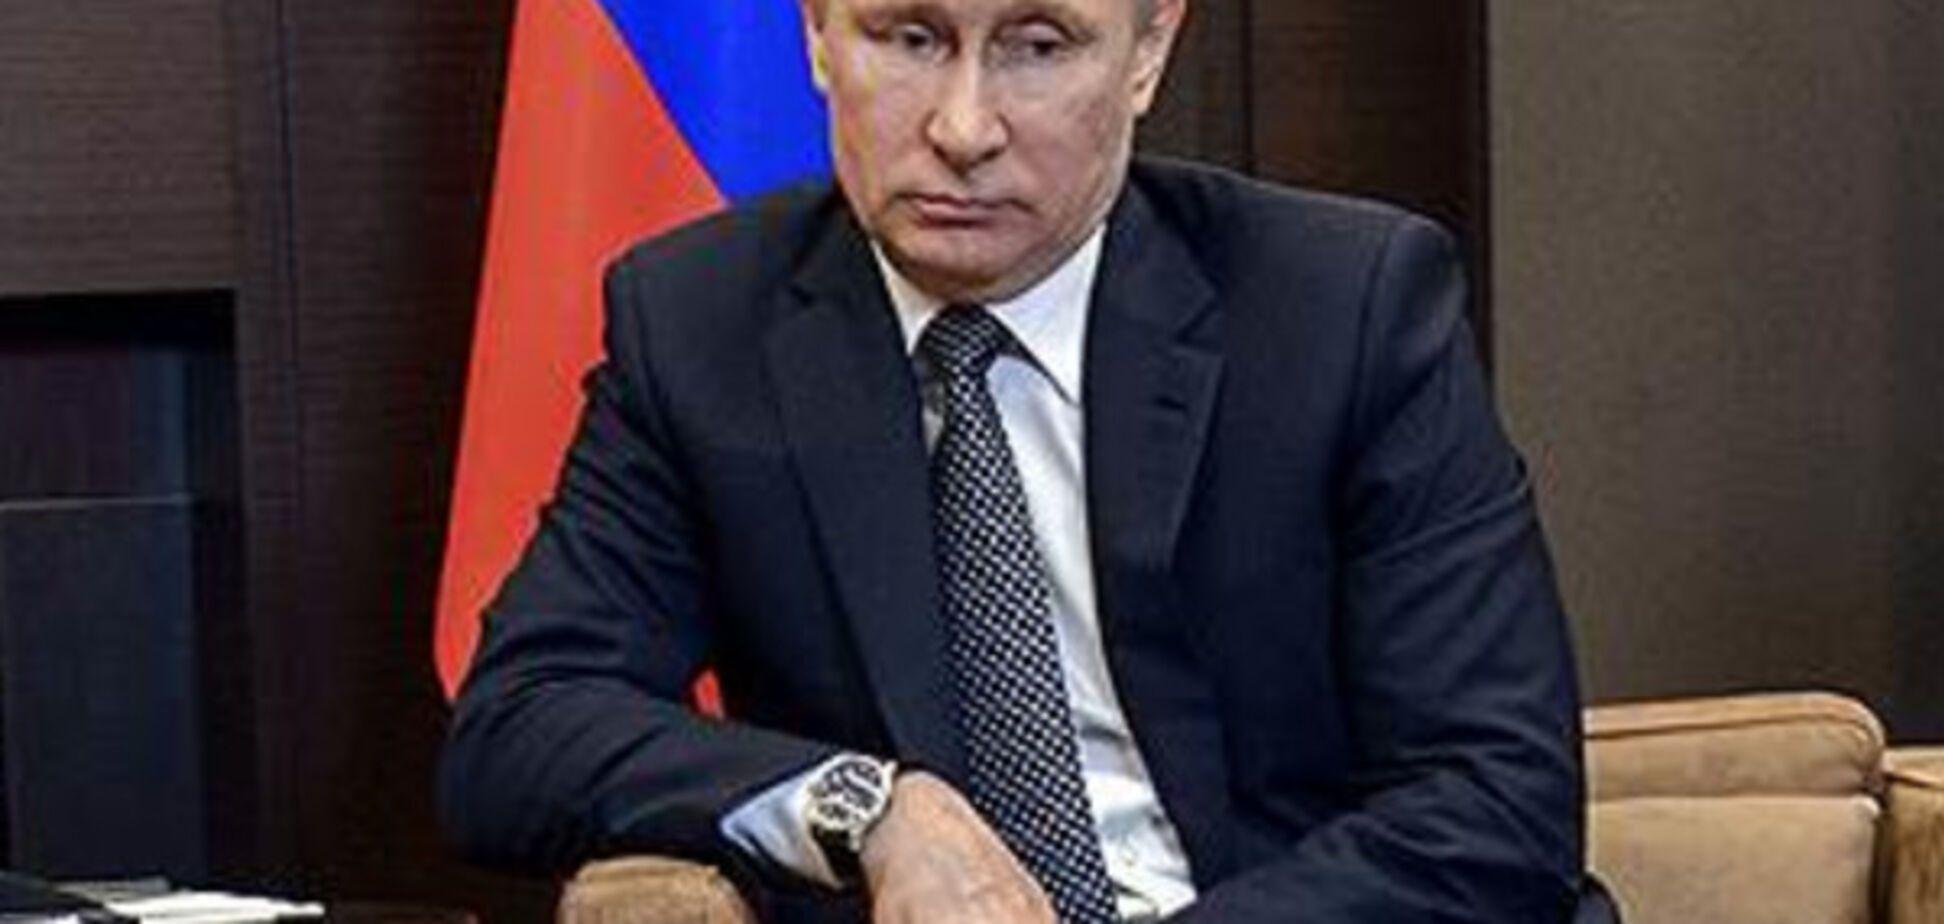 Путин не уйдет с Донбасса: Портников дал прогноз о планах Кремля